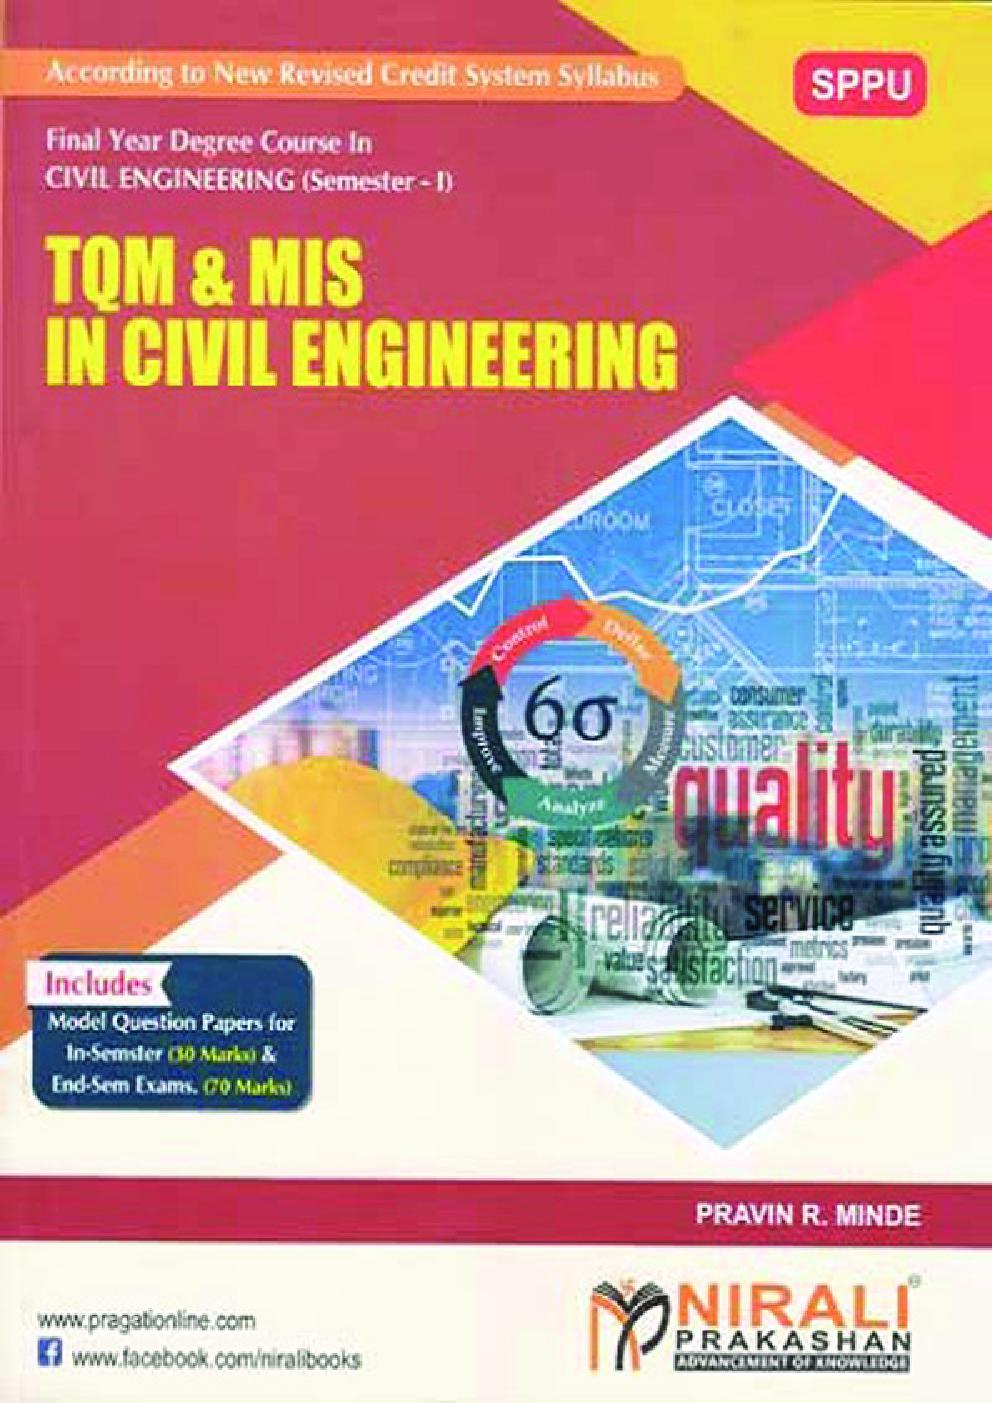 TQM & MIS In Civil Engineering - Page 1